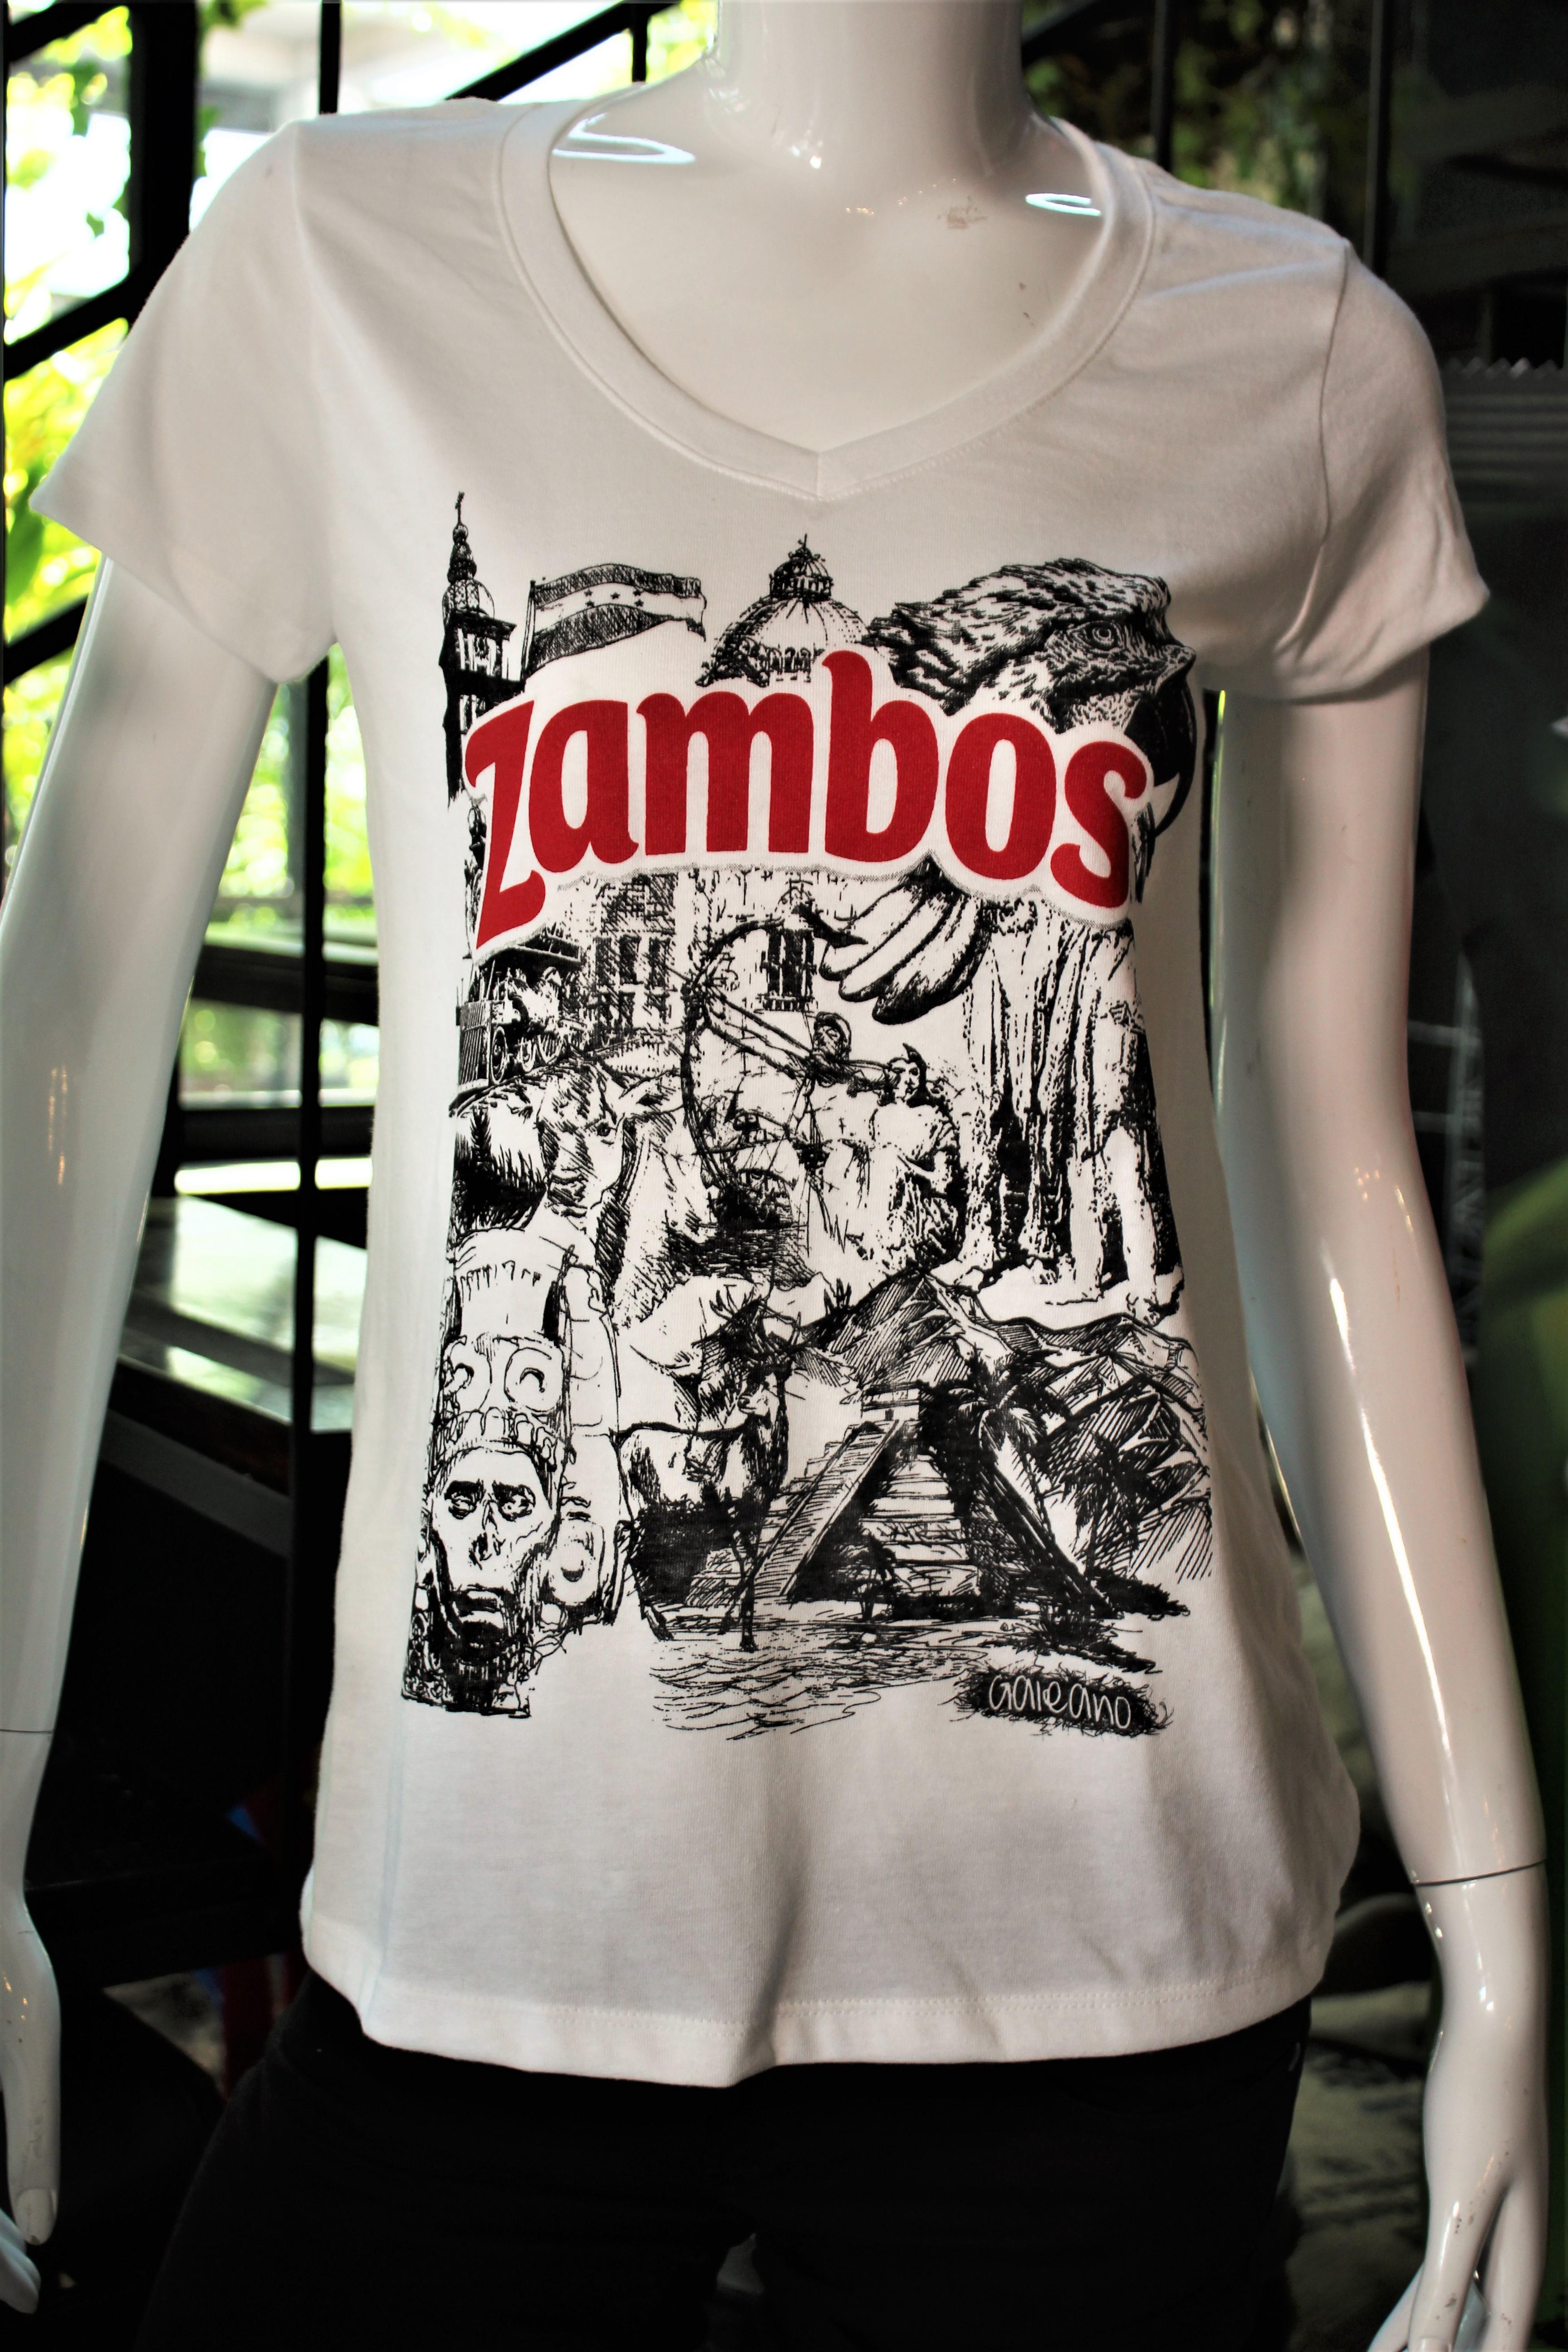 Zambos-Galeano (1)